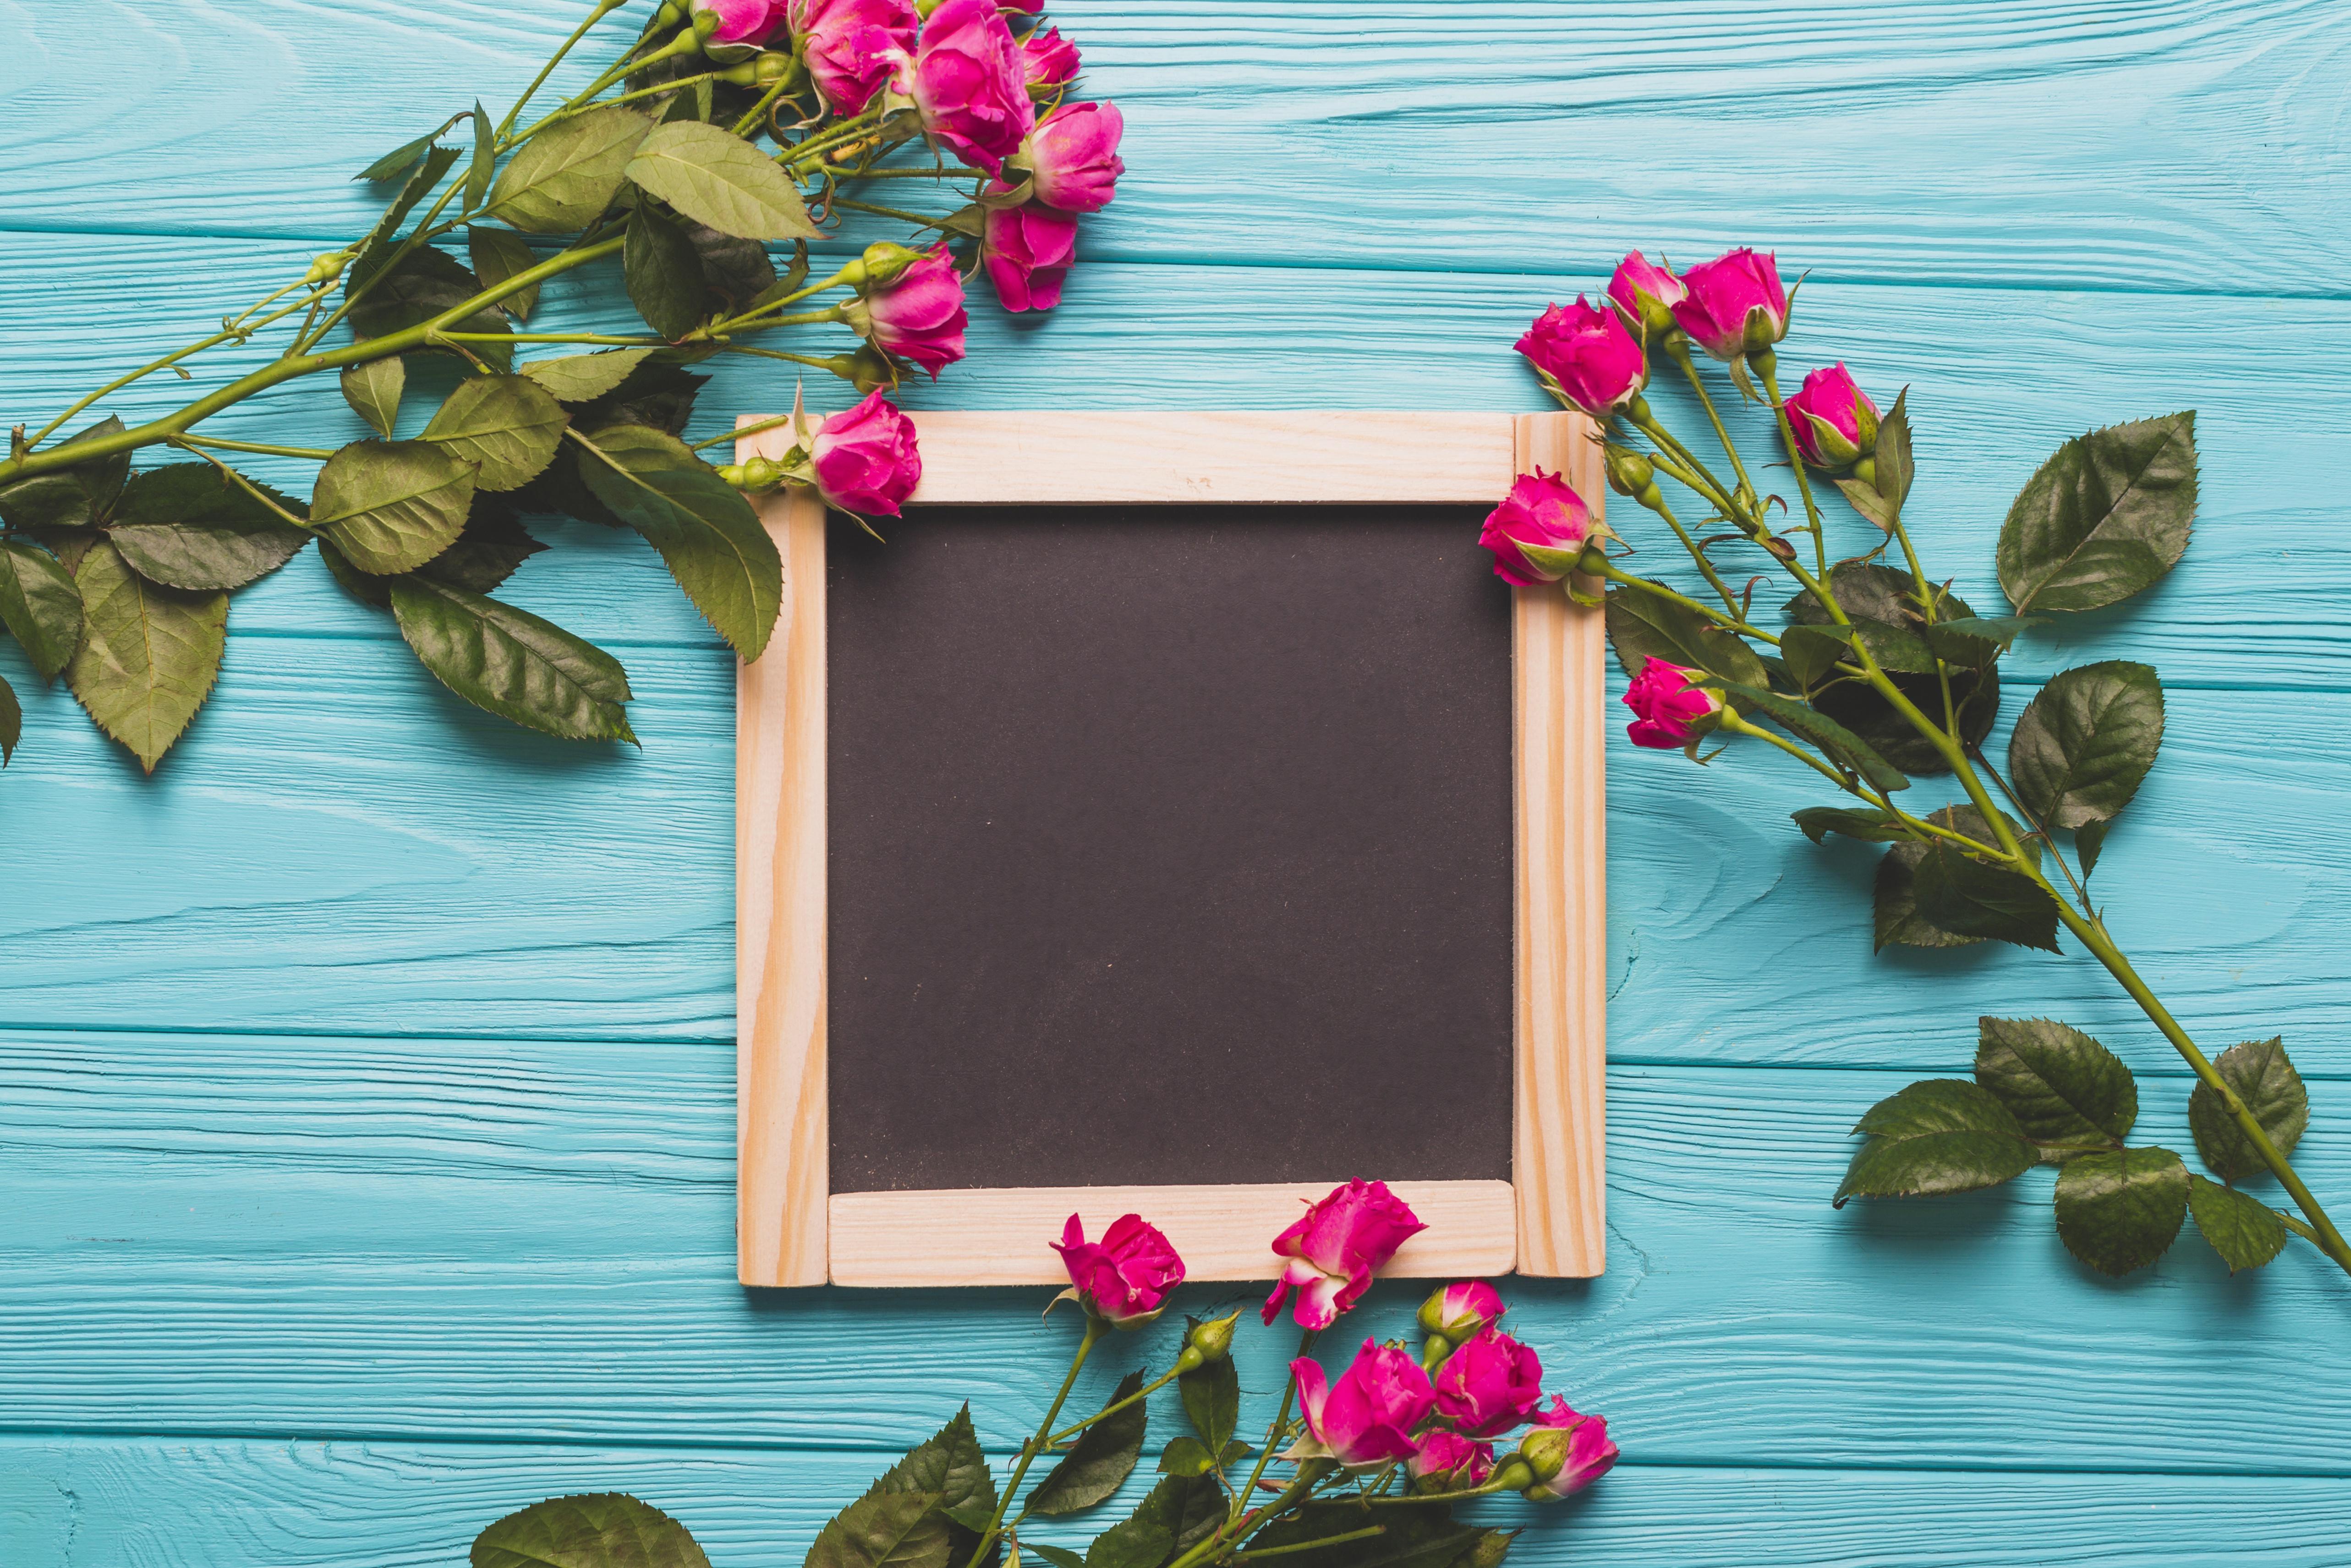 Вписать поздравления, картинки с цветами на фоне досок